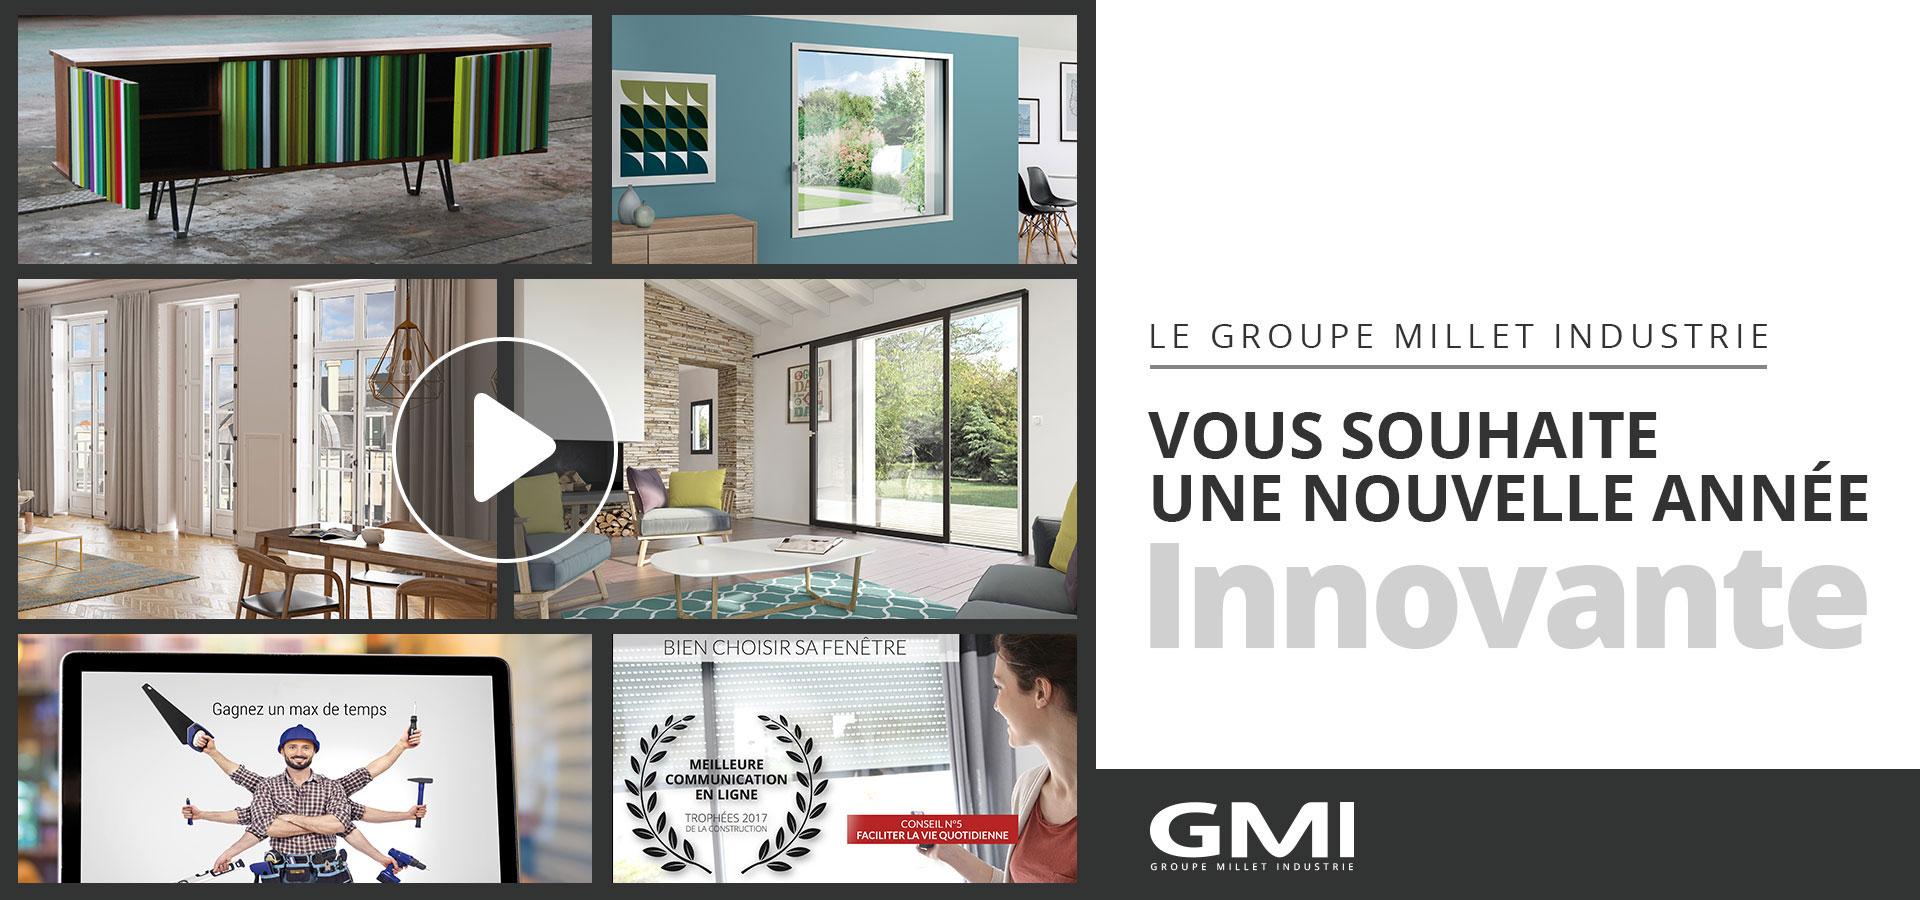 Voeux des fenêtres SYbaie - Groupe GMI